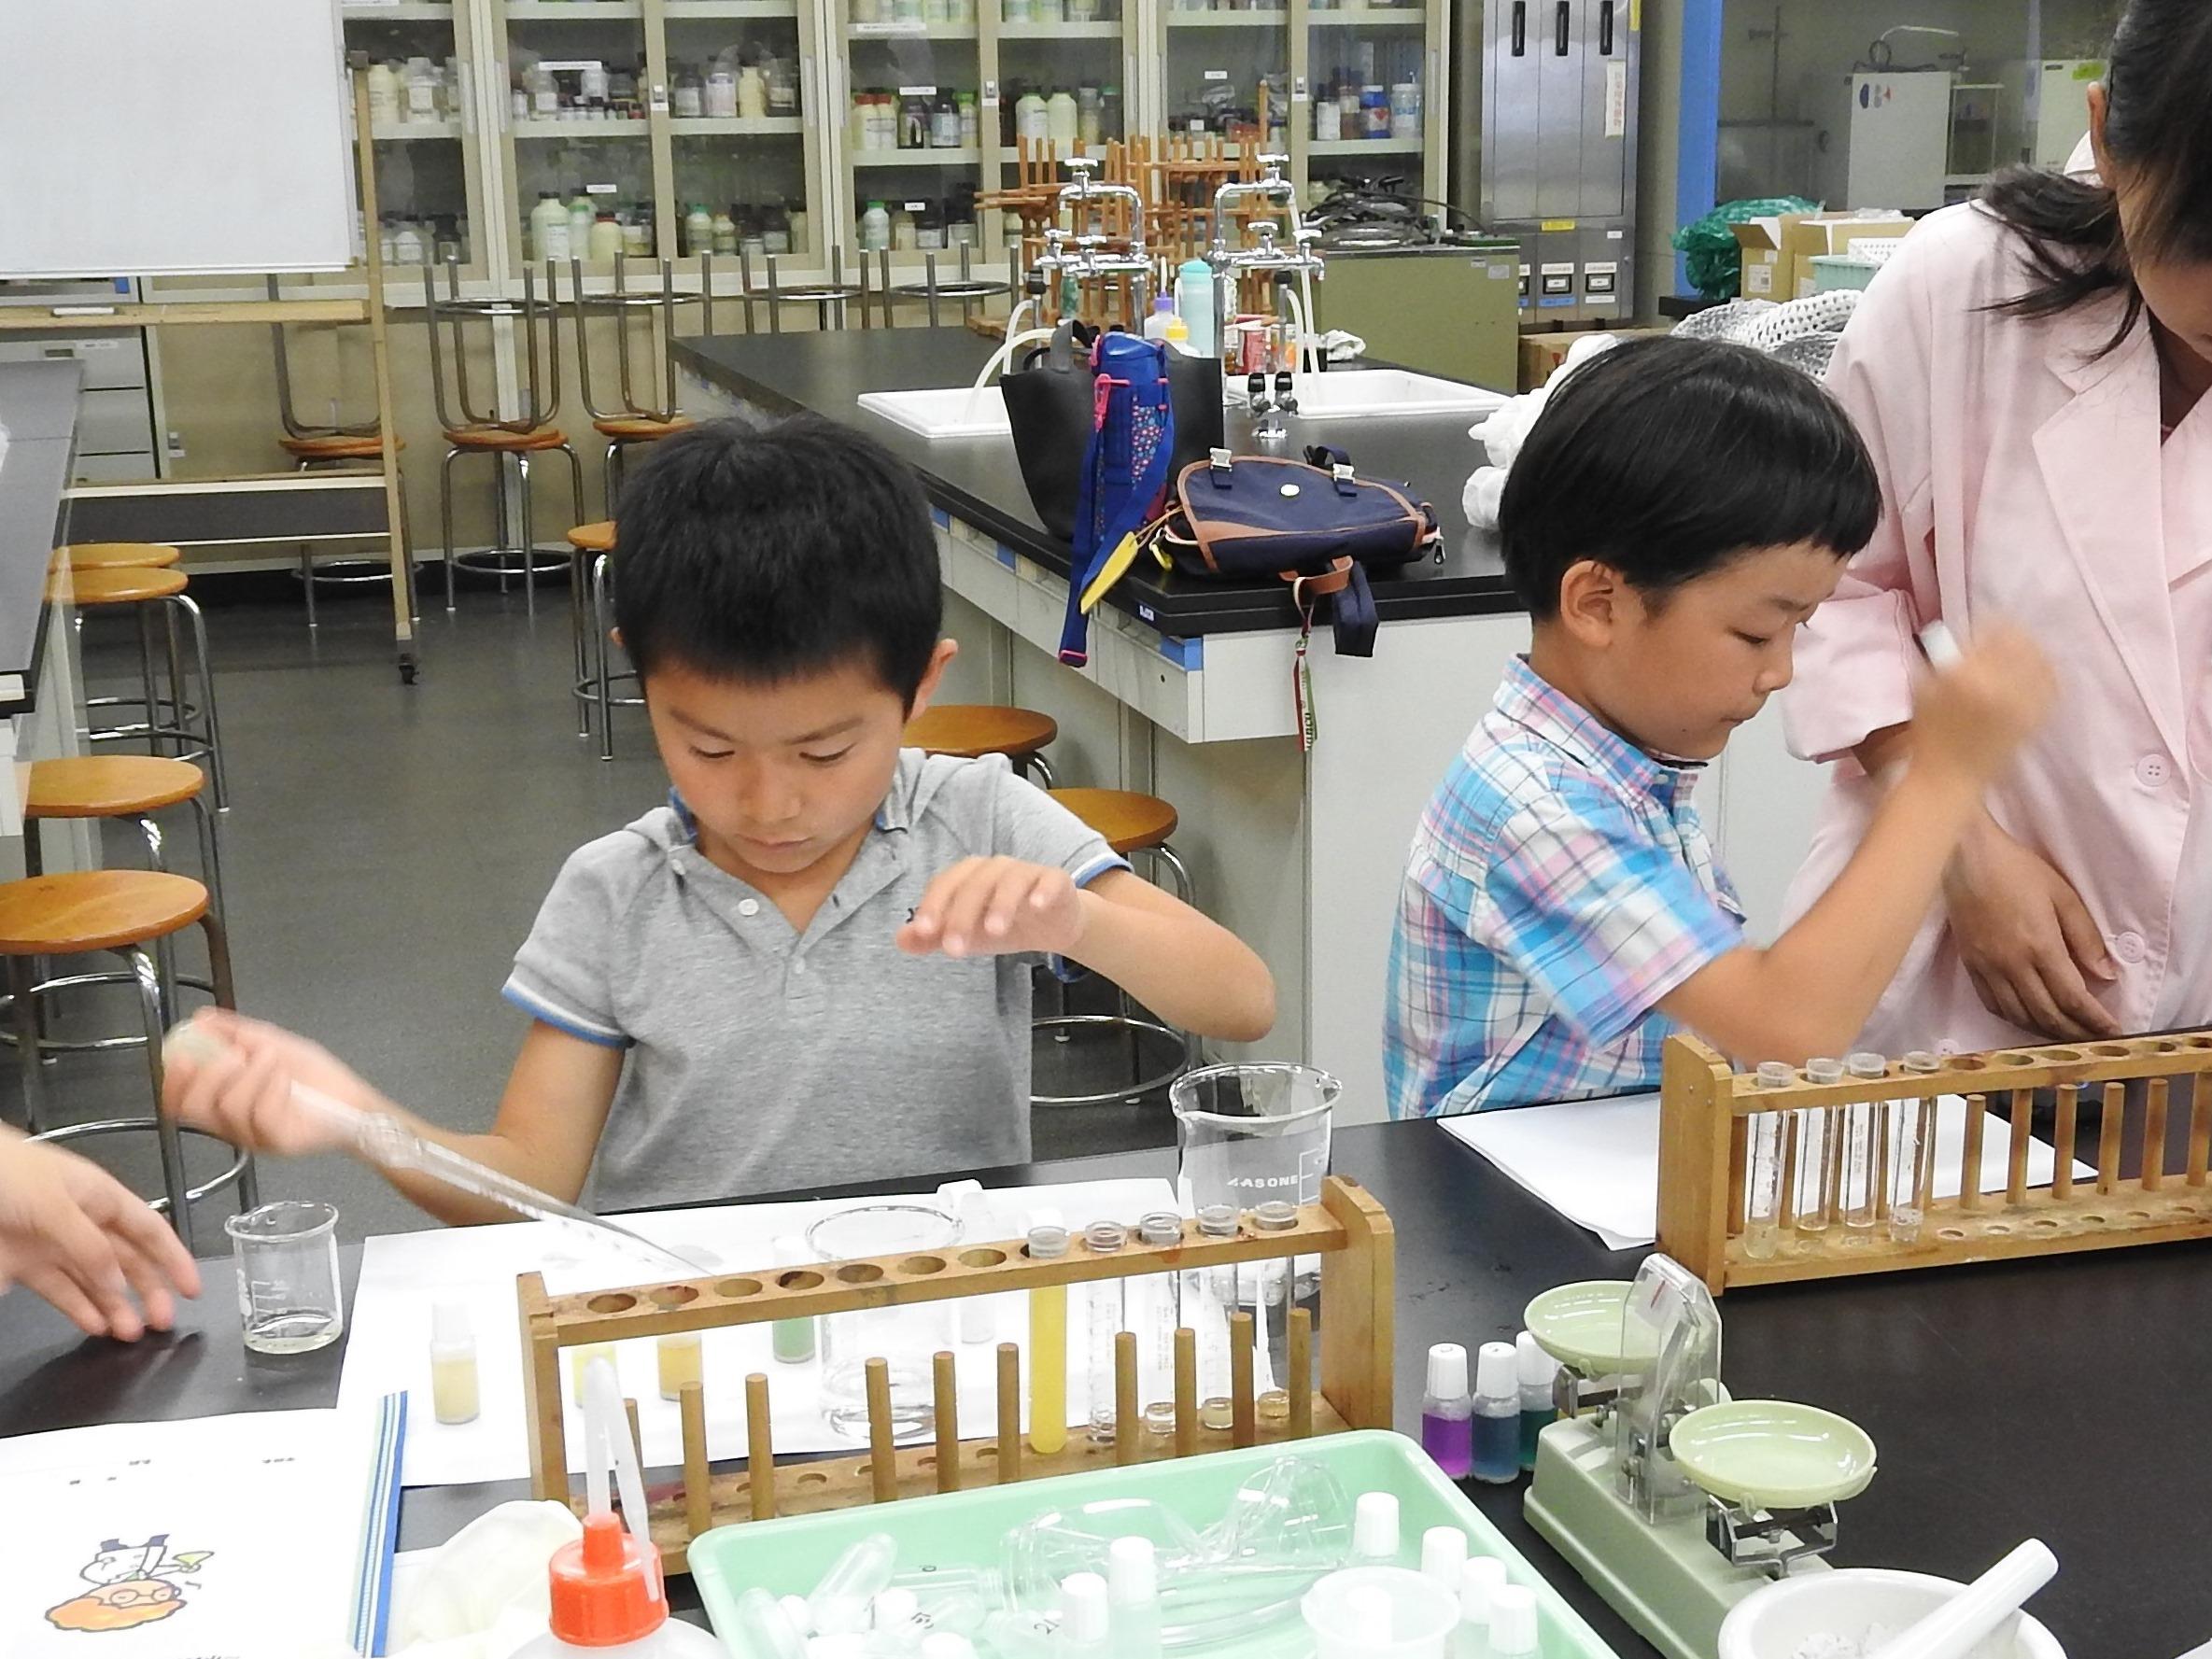 [終了]≪14時開催≫大学で自由研究!水質実験に挑戦しよう![日帰りプラン/現地発着]